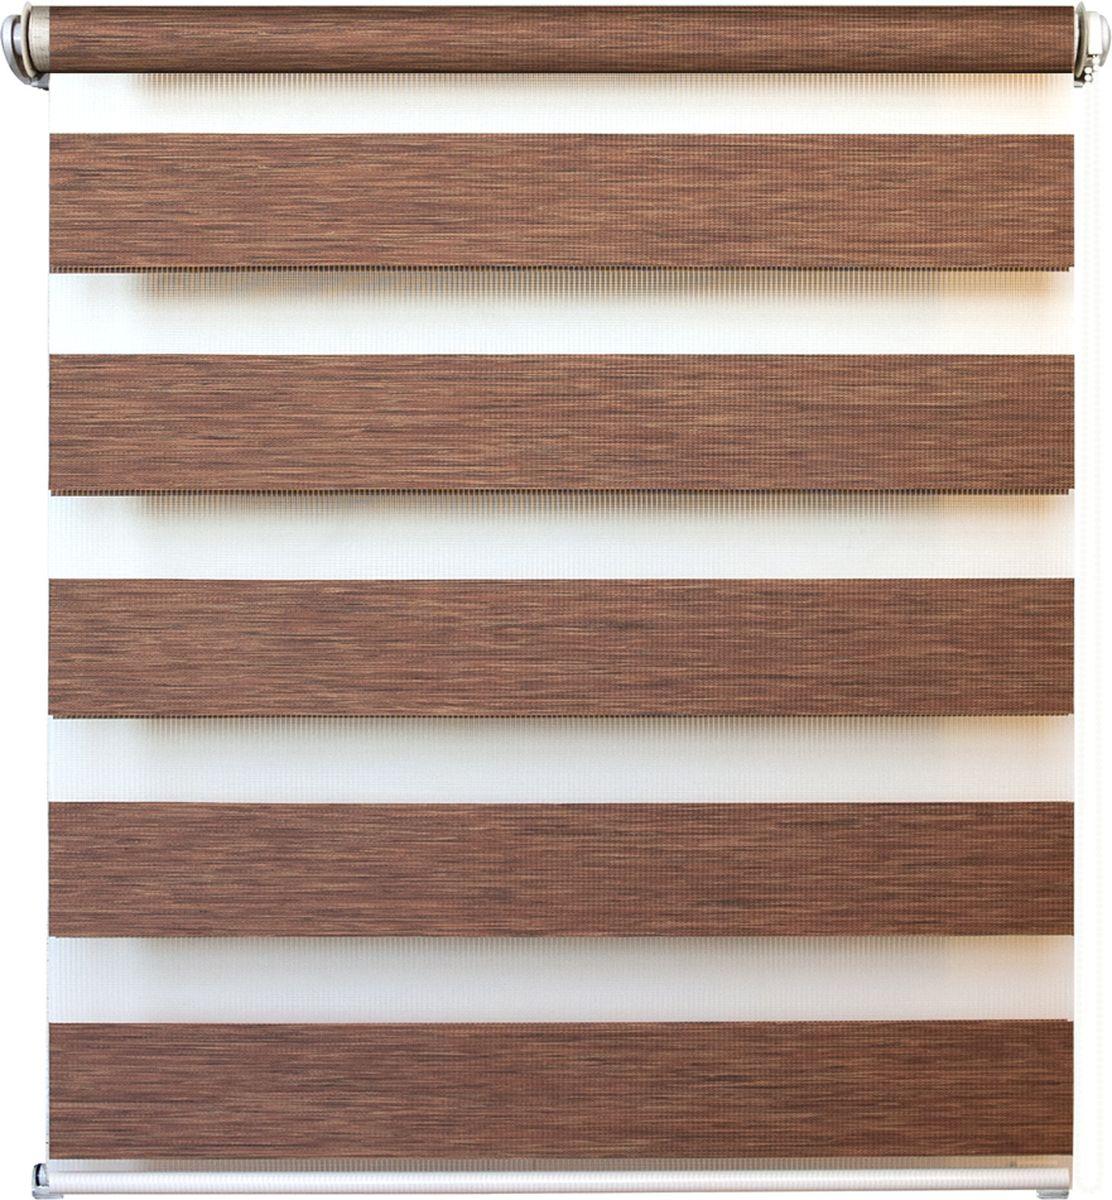 Штора рулонная день/ночь Уют Канзас, цвет: коричневый, 50 х 160 см62.РШТО.8922.050х160Штора рулонная день/ночь Уют Канзас выполнена из прочного полиэстера, в котором чередуются полосы различной плотности и фактуры. Управление двойным слоем ткани с помощью цепочки позволяет регулировать степень светопроницаемости шторы.Если совпали плотные полосы, то прозрачные будут открыты максимально. Это положение шторы называется День. Максимальное затемнение помещения достигается при полном совпадении полос разных фактур. Это положение шторы называется Ночь. Конструкция шторы также позволяет полностью свернуть полотно, обеспечив максимальное открытие окна.Рулонная штора - это разновидность штор, которая закрывает не весь оконный проем, а непосредственно само стекло. Такая штора очень компактна, что помогает сэкономить пространство.Универсальная конструкция позволяет монтировать штору на стену, потолок, деревянные или пластиковые рамы окон. В комплект входят кронштейны и нижний утяжелитель. Возможна установка с управлением цепочкой как справа, так и слева.Такая штора станет прекрасным элементом декора окна и гармонично впишется в интерьер любого помещения. Классический дизайн подойдет для гостиной, спальни, кухни, кабинета или офиса.